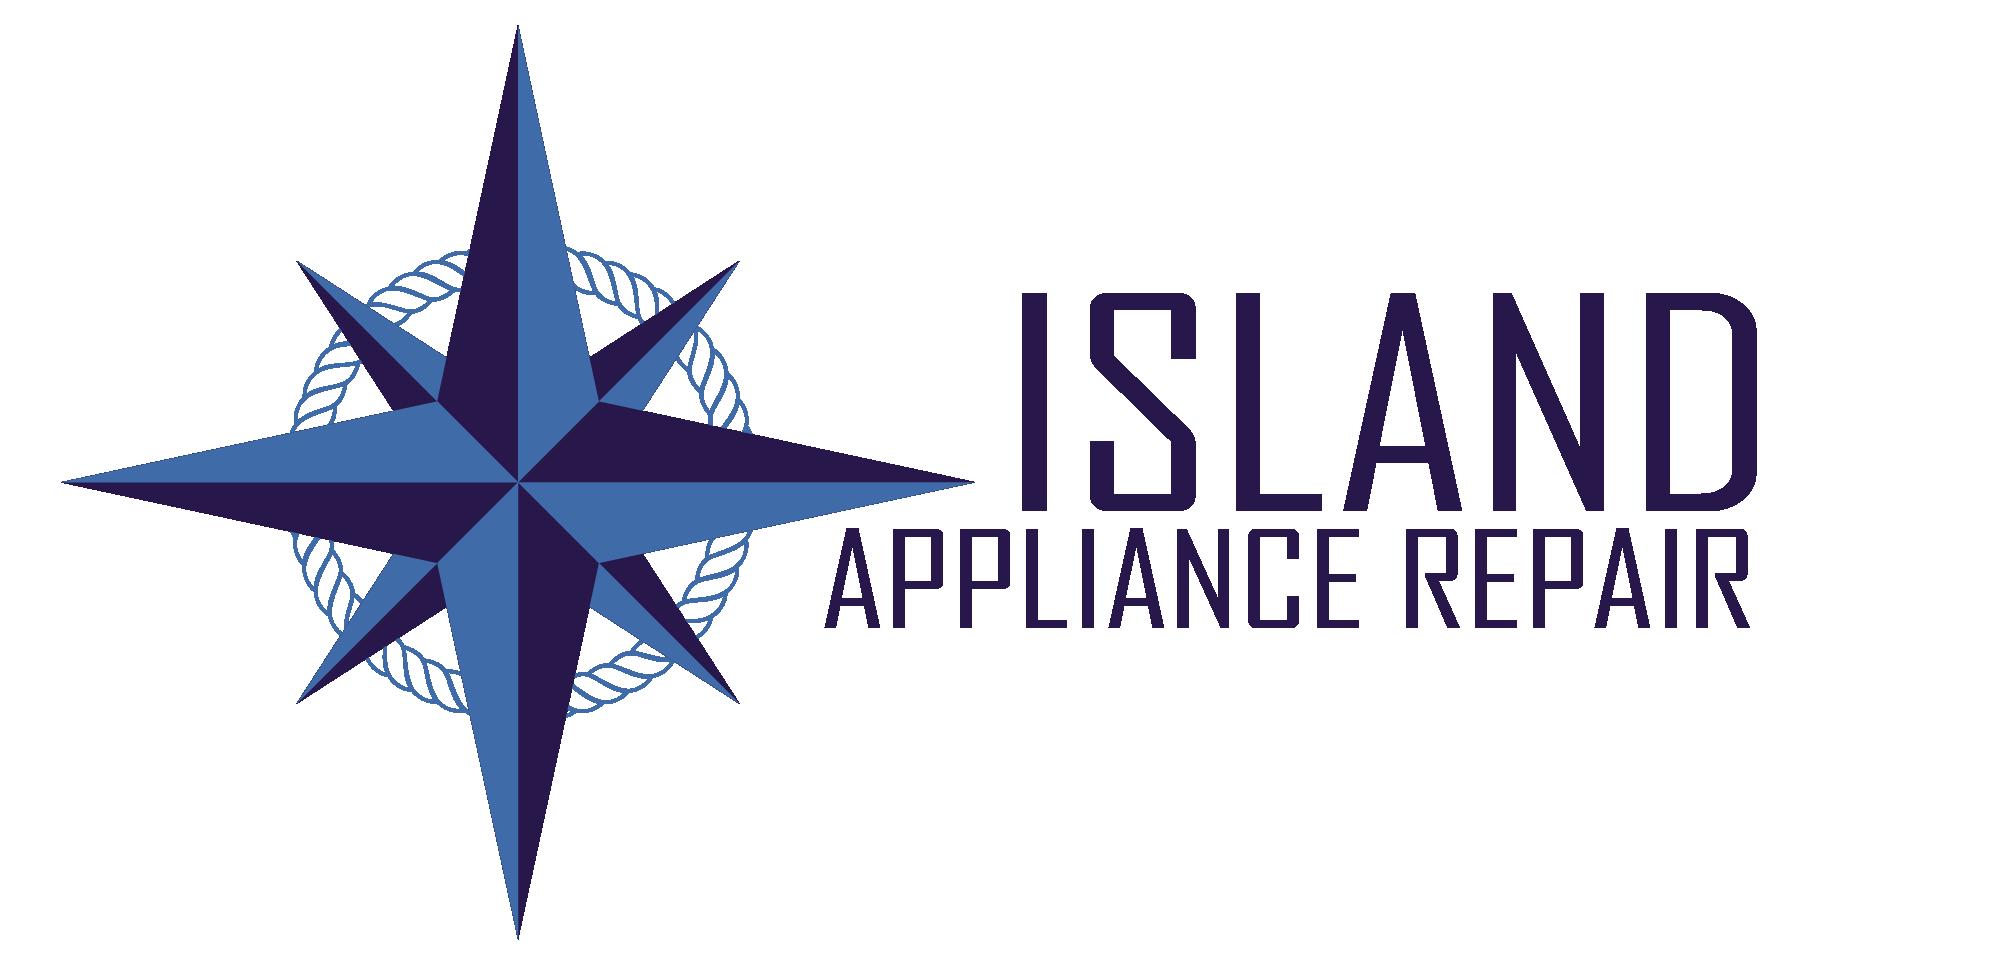 Island Appliance Repair Logo Star